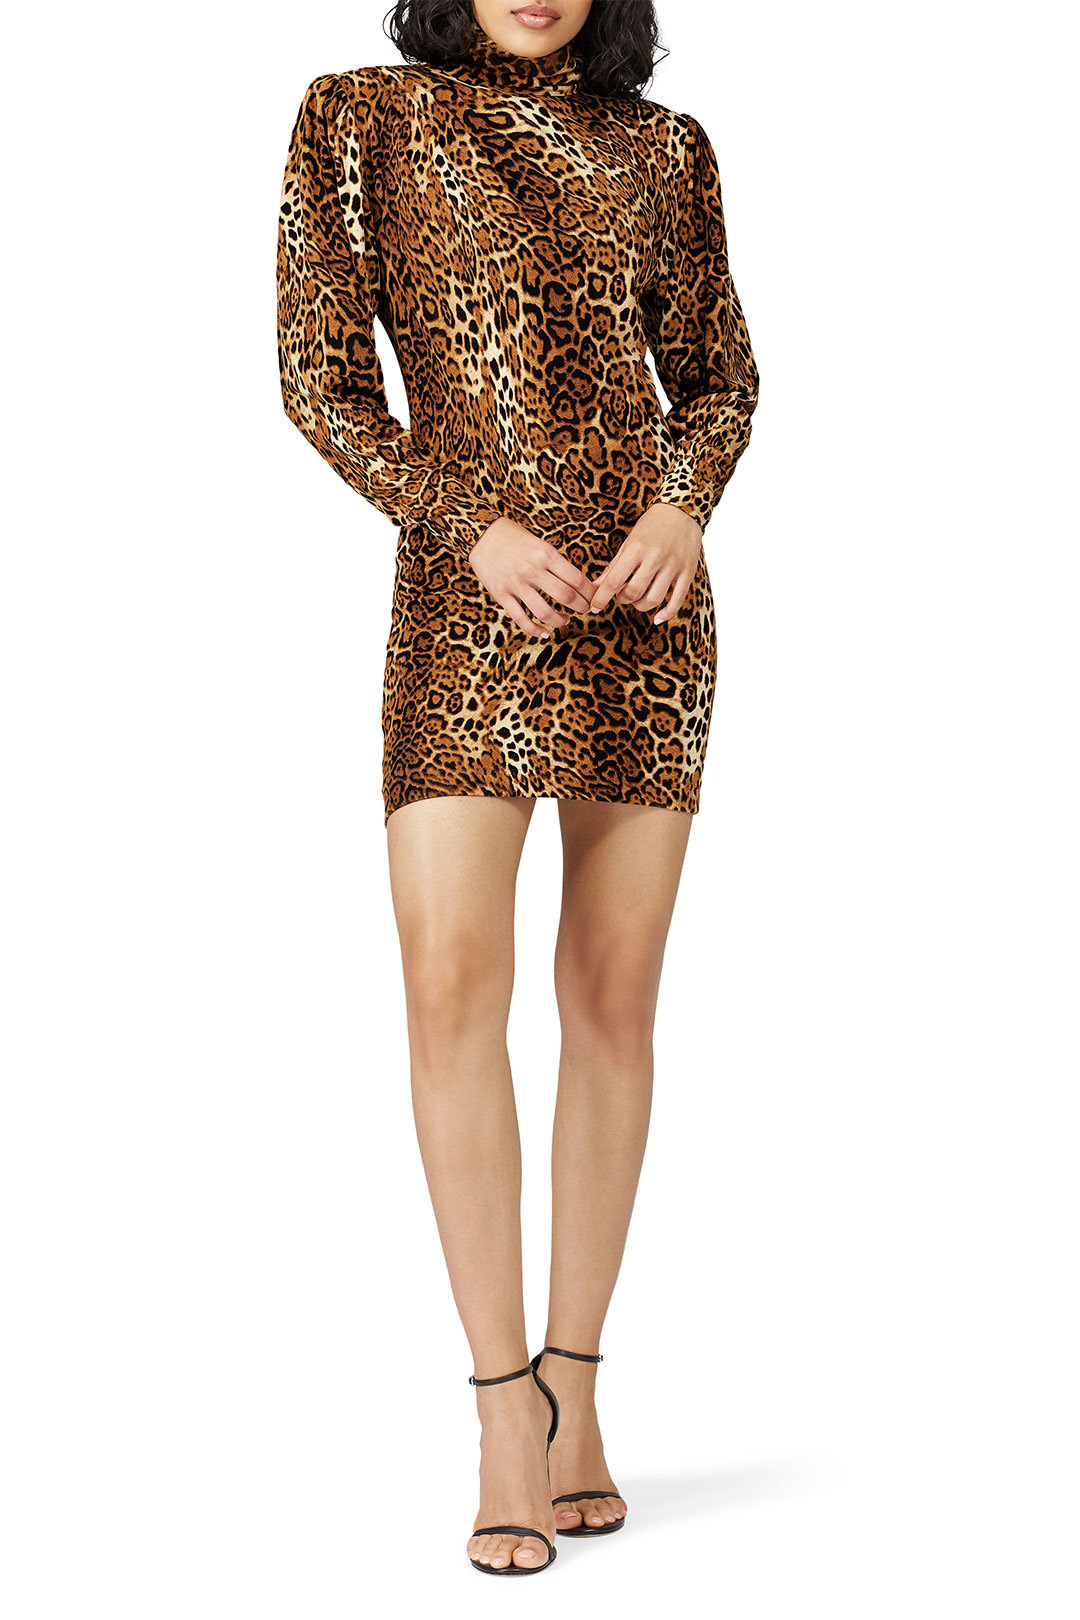 Ronny Kobo Leopard Adina Dress